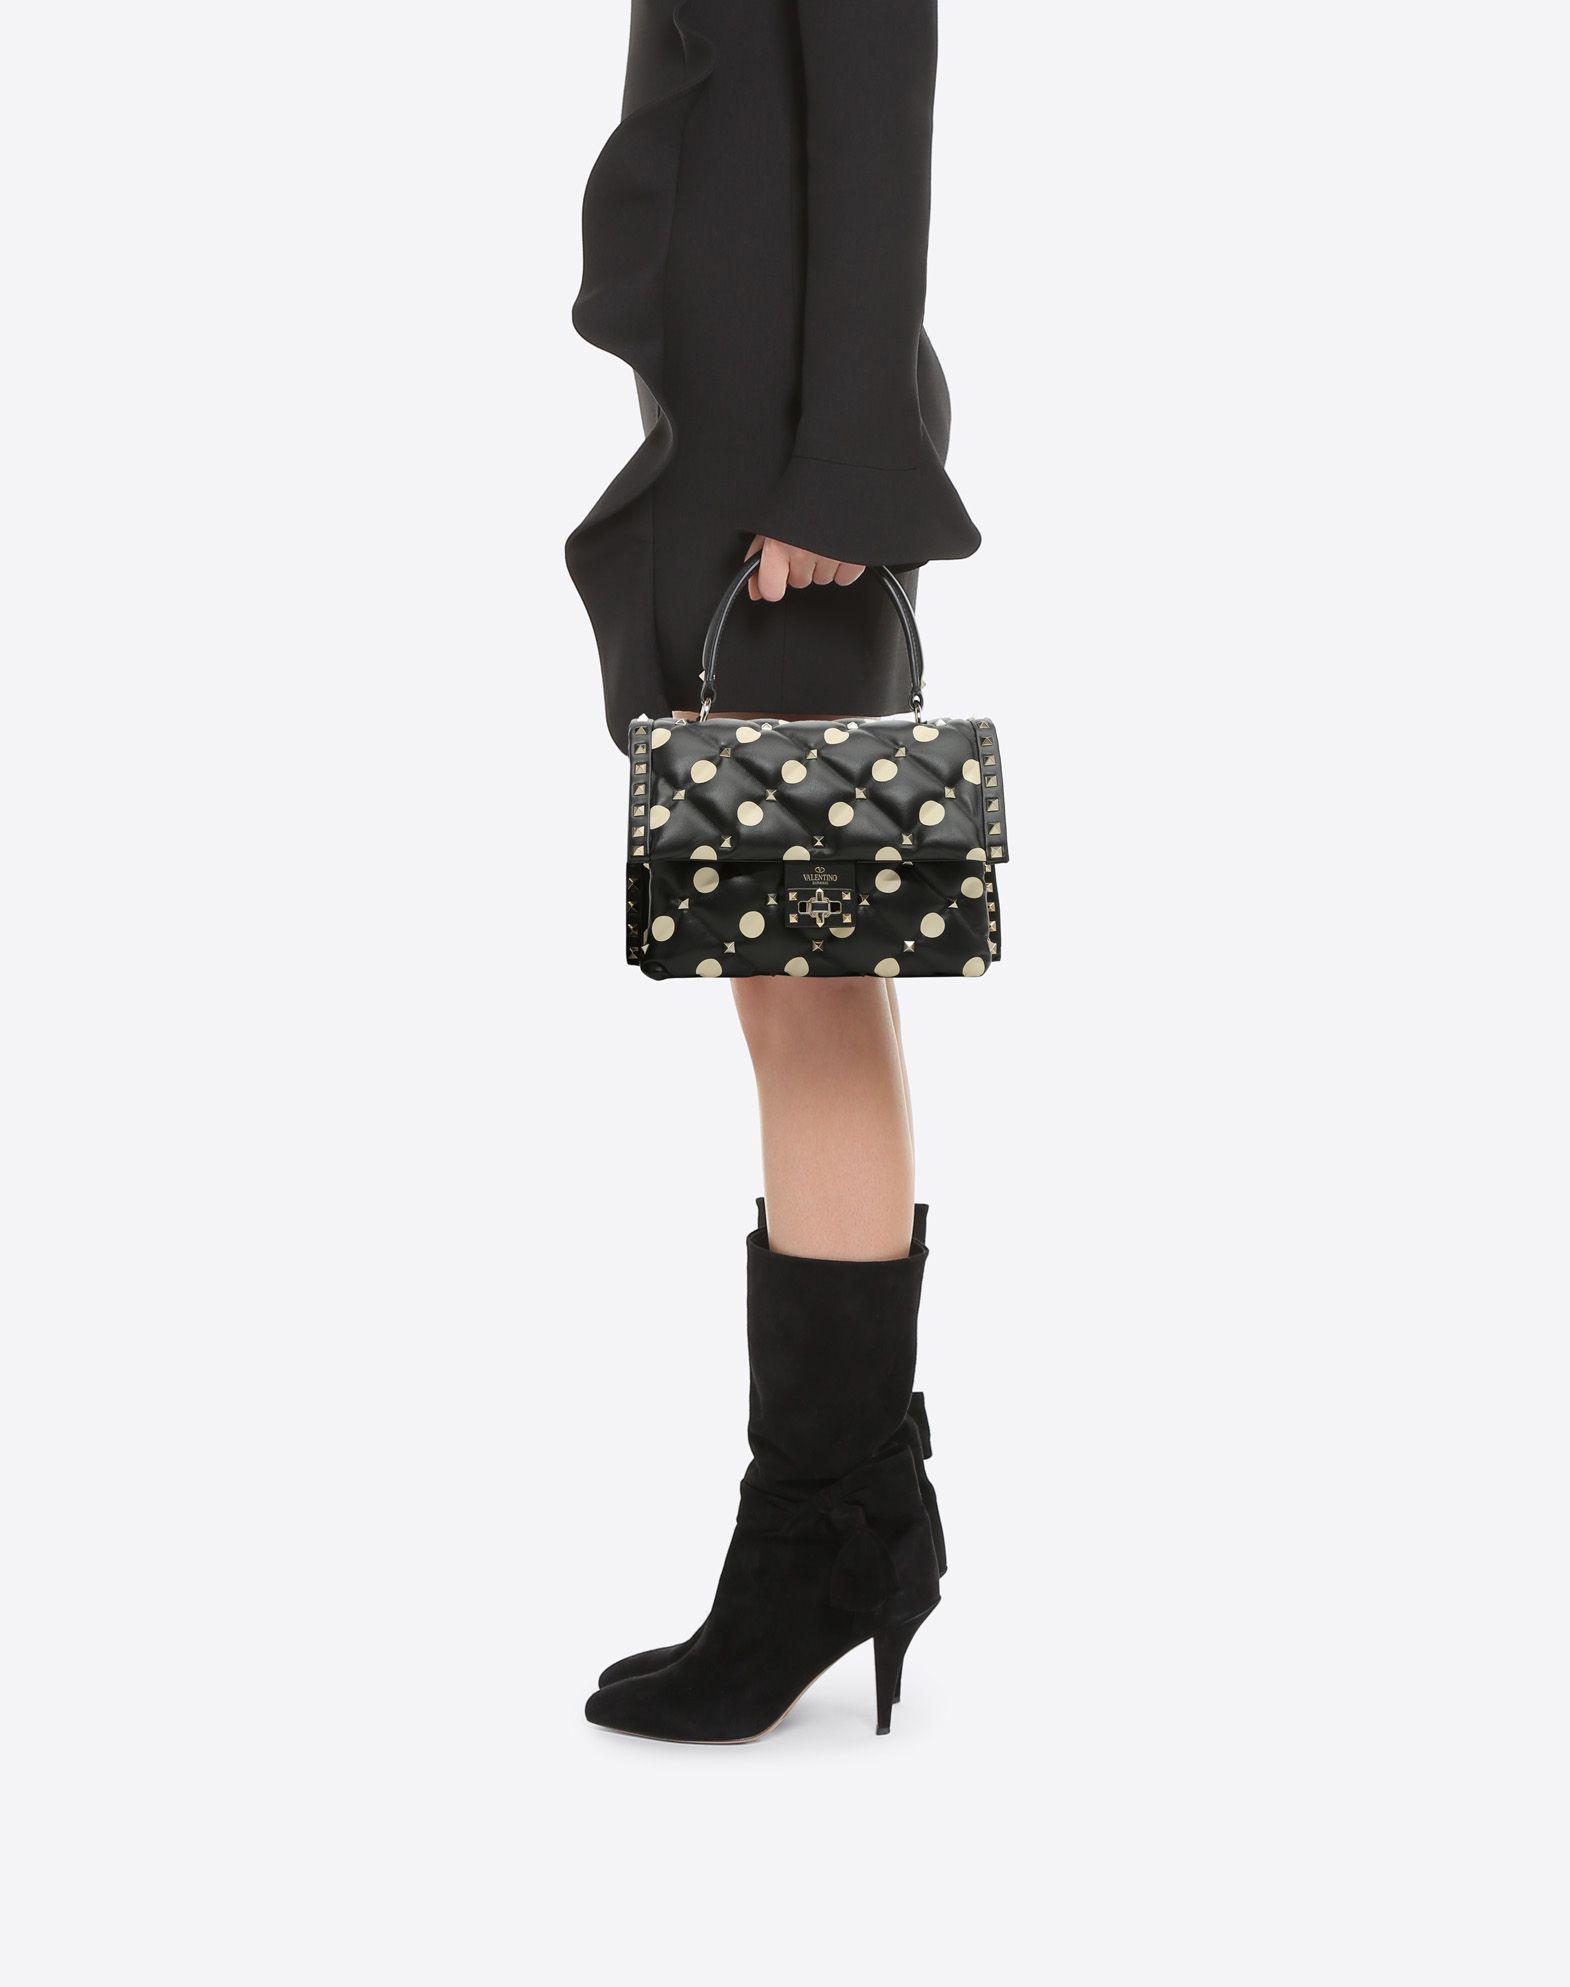 VALENTINO GARAVANI Candystud Top Handle Bag HANDBAG D a